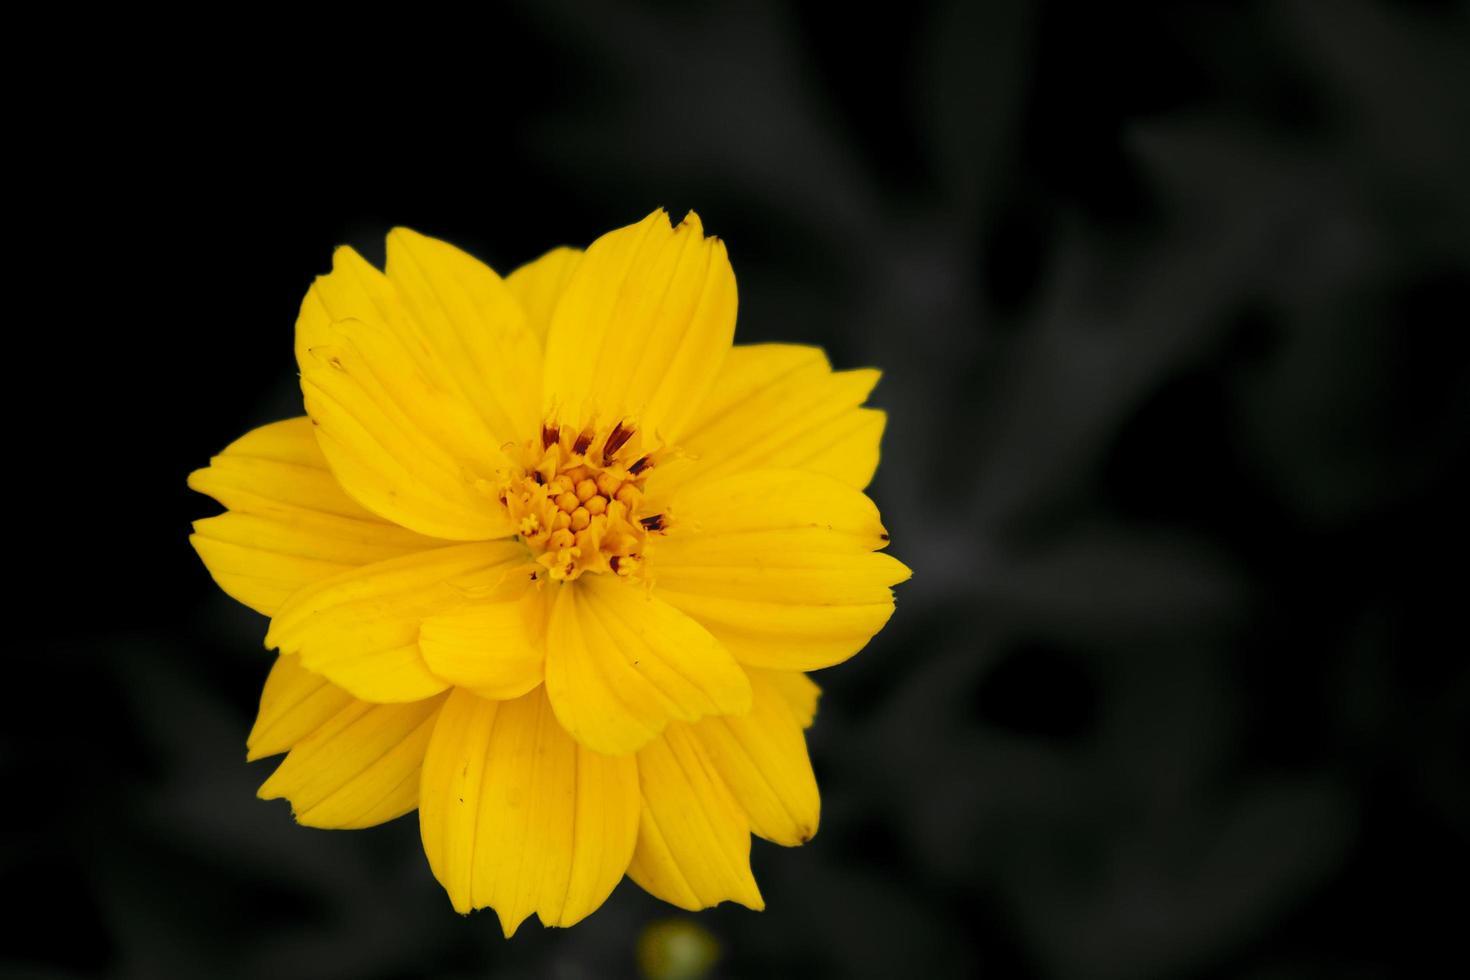 primo piano del bel fiore giallo dell'universo foto